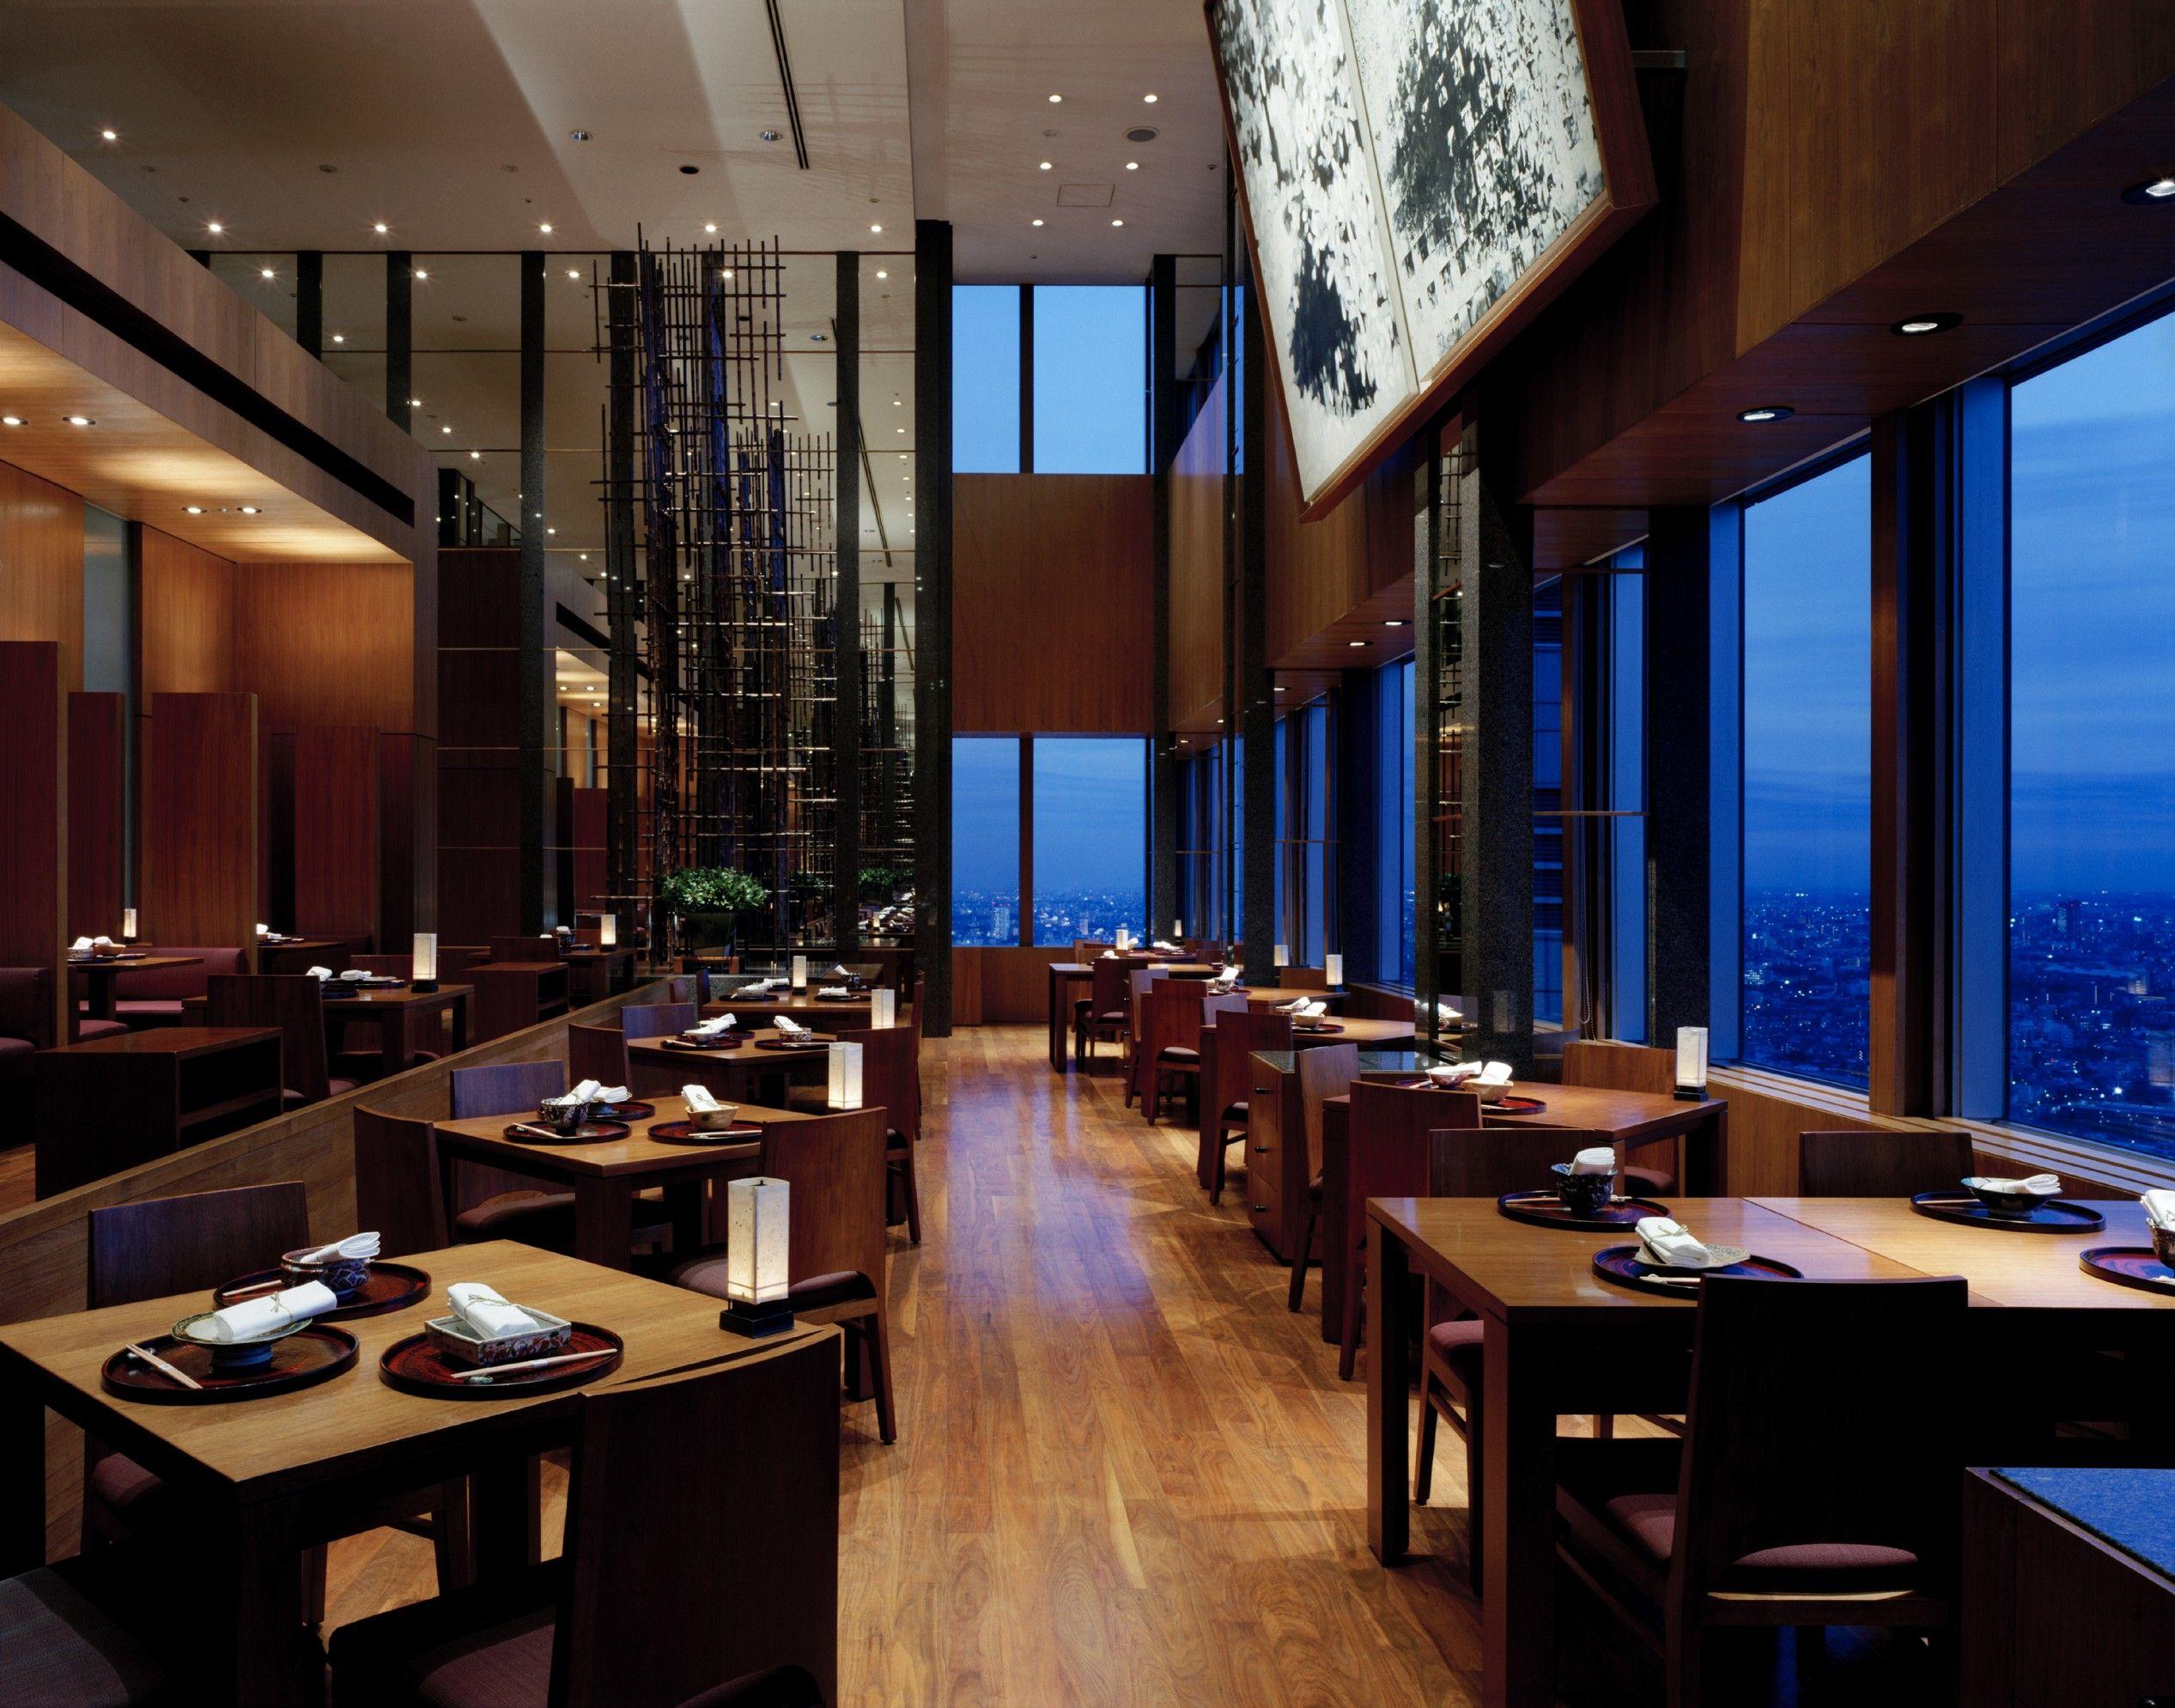 красота японский гостиница роскошная фото многообразия